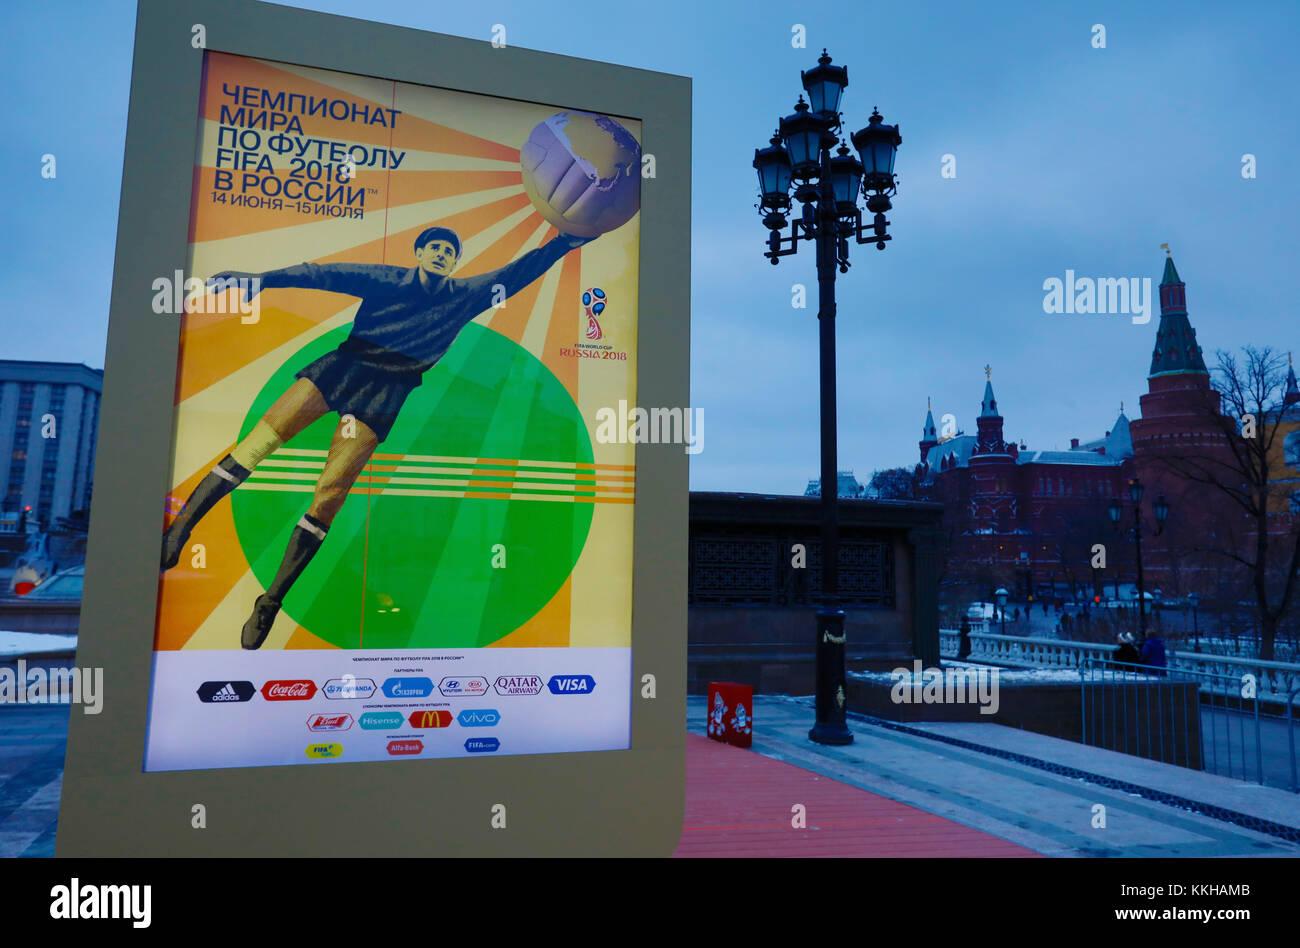 Moskau, Russland. 29th Nov, 2017. Der Kreml with WM 2018 Logos und Plakaten. Feature/Schmuckbild/Hintergrund/Hintergrundbild. Fussball: Auslosung zur FIFA- Fussball Weltmeisterschaft 2018 in Moskau, Russland 01.12.2017 - Football, Draw for the FIFA- World Cup 2018, Moscow, December 01, 2017 |usage worldwide Credit: dpa/Alamy Live News Stock Photo